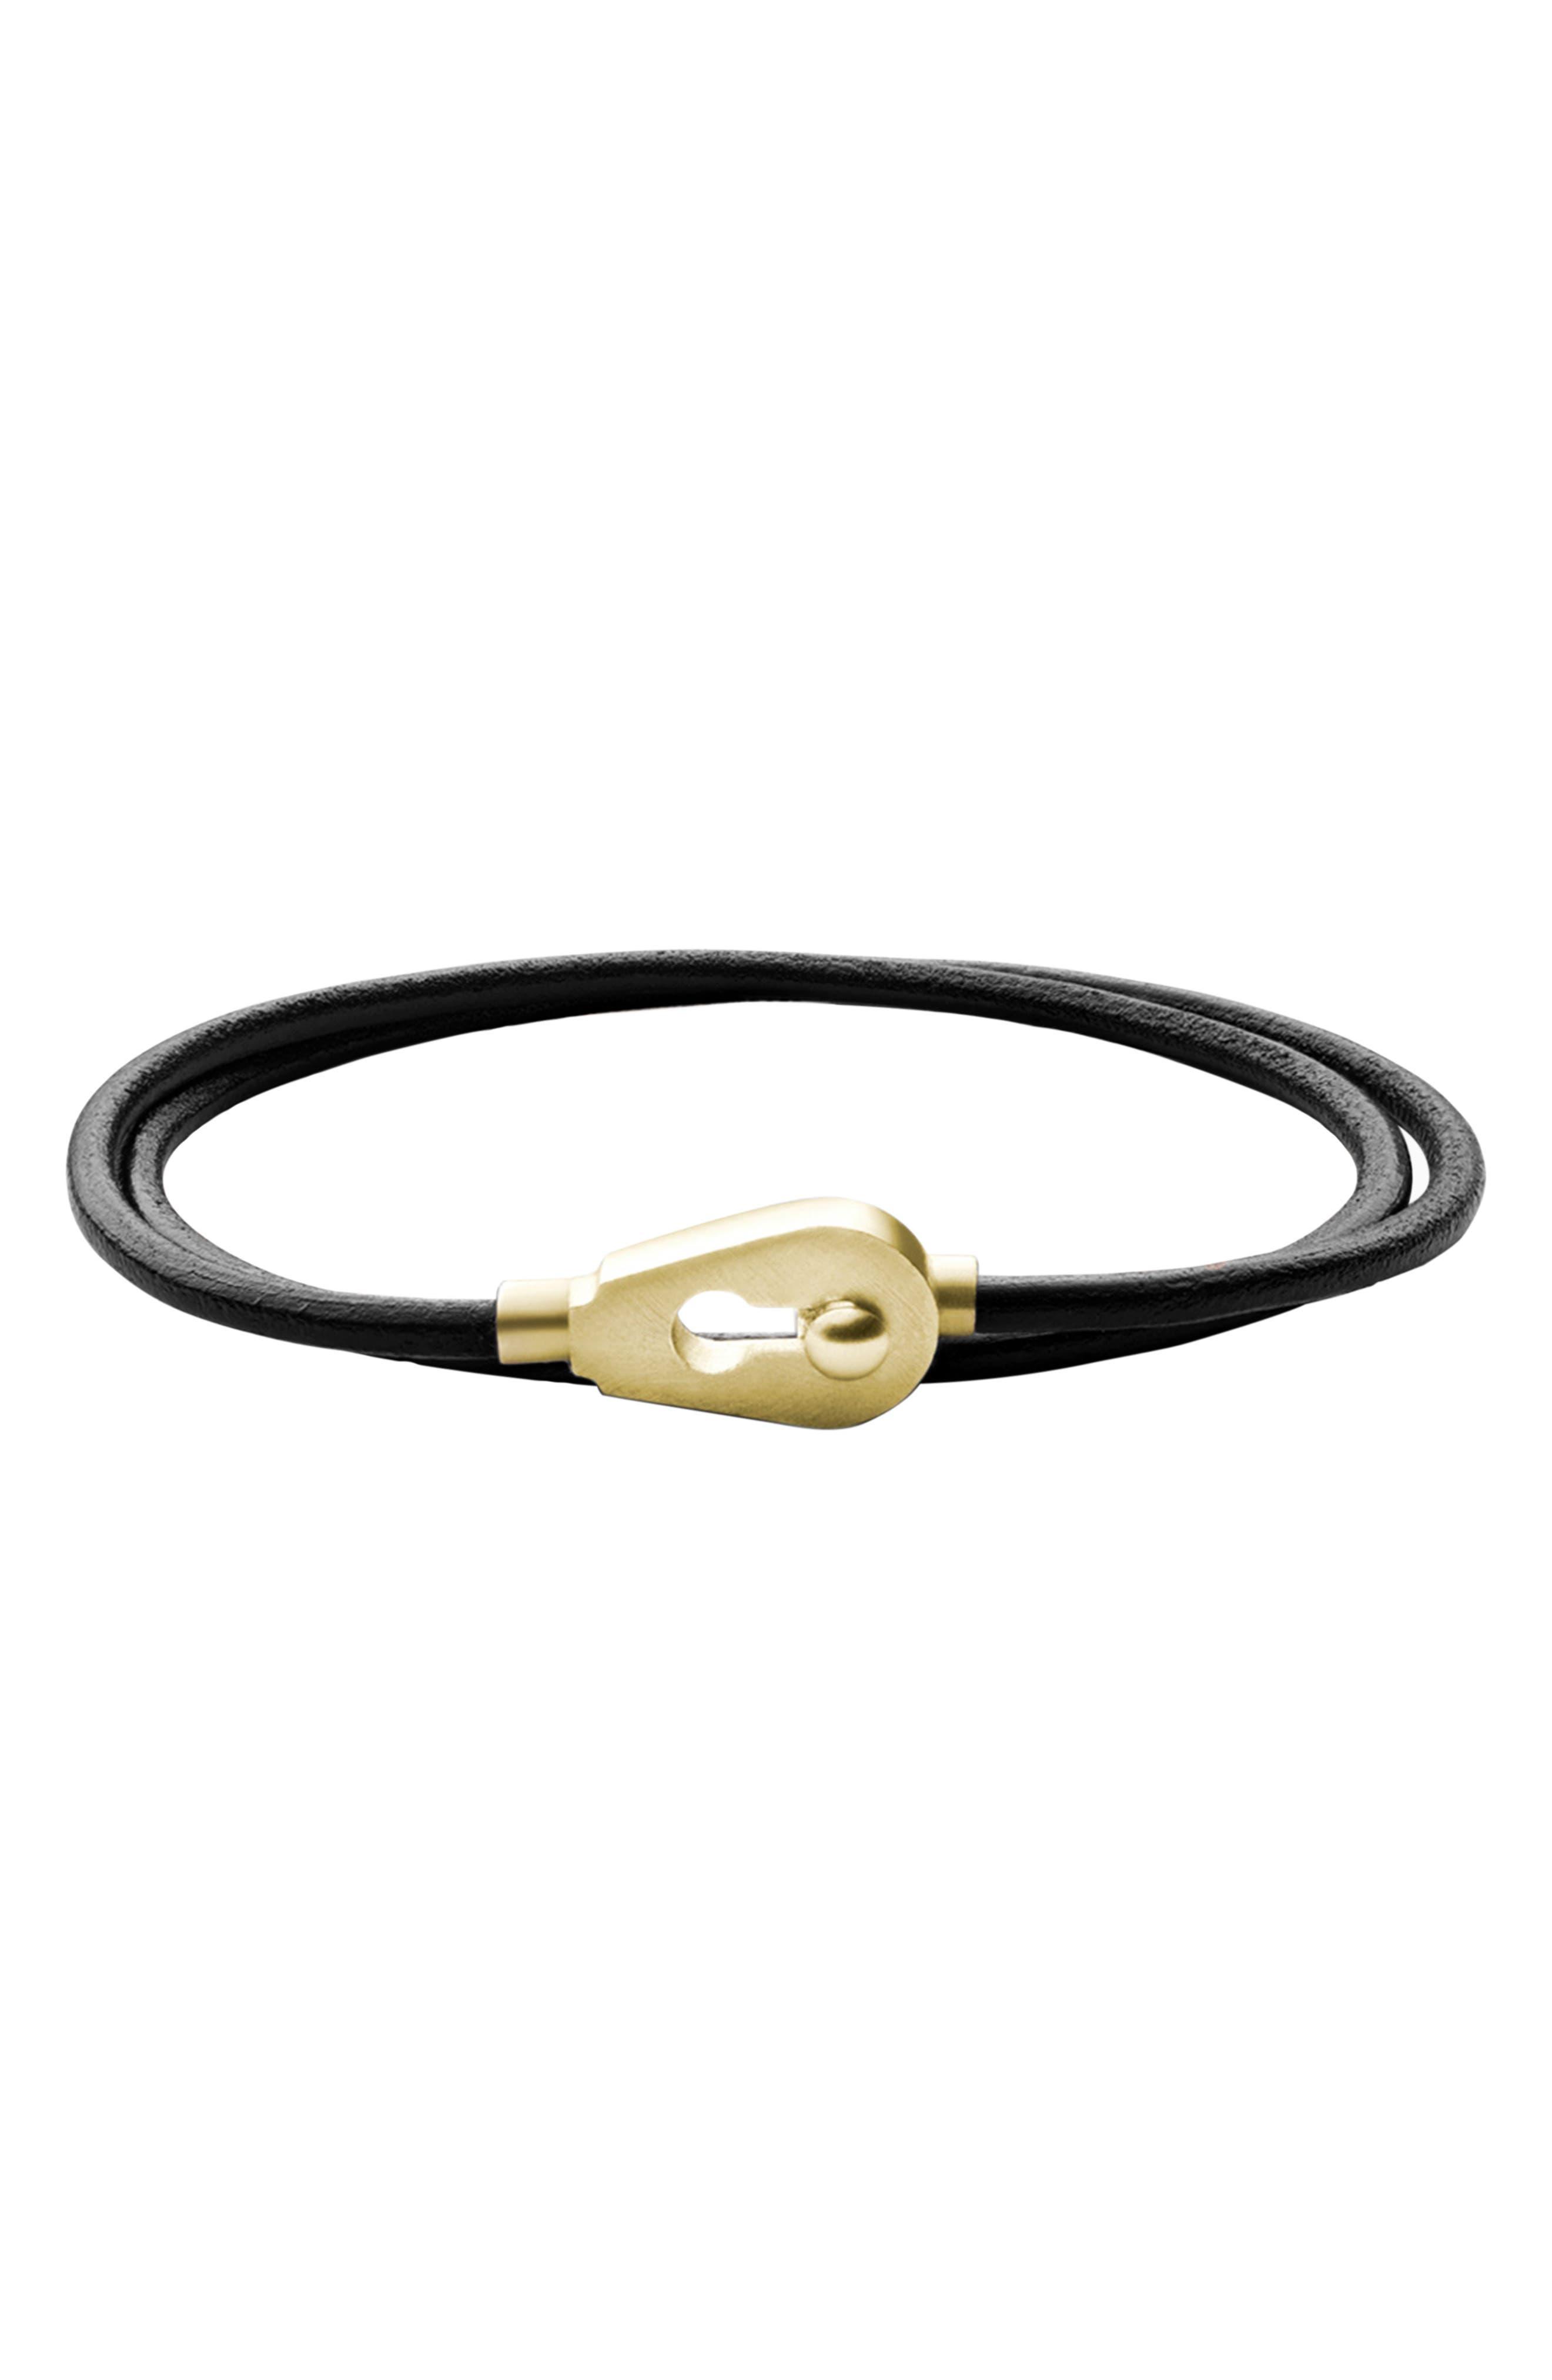 MIANSAI, Centra Leather Wrap Bracelet, Main thumbnail 1, color, 001